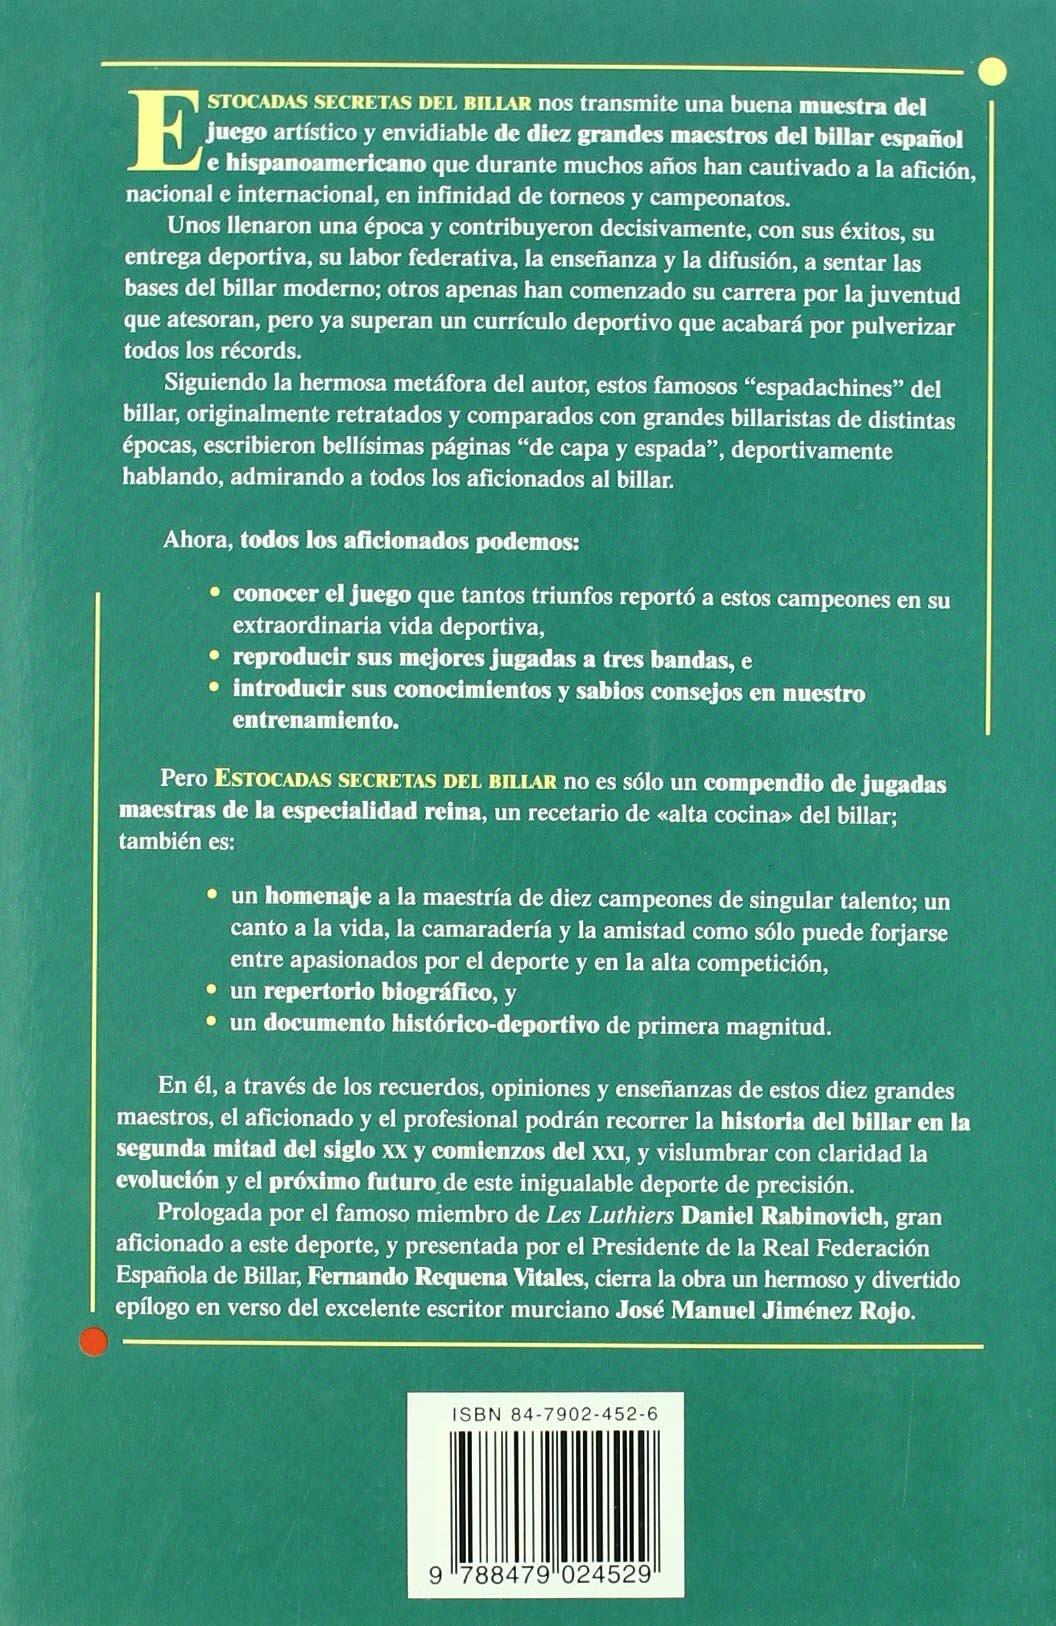 Estocadas secretas del billar: Amazon.es: Quetglas, José María: Libros